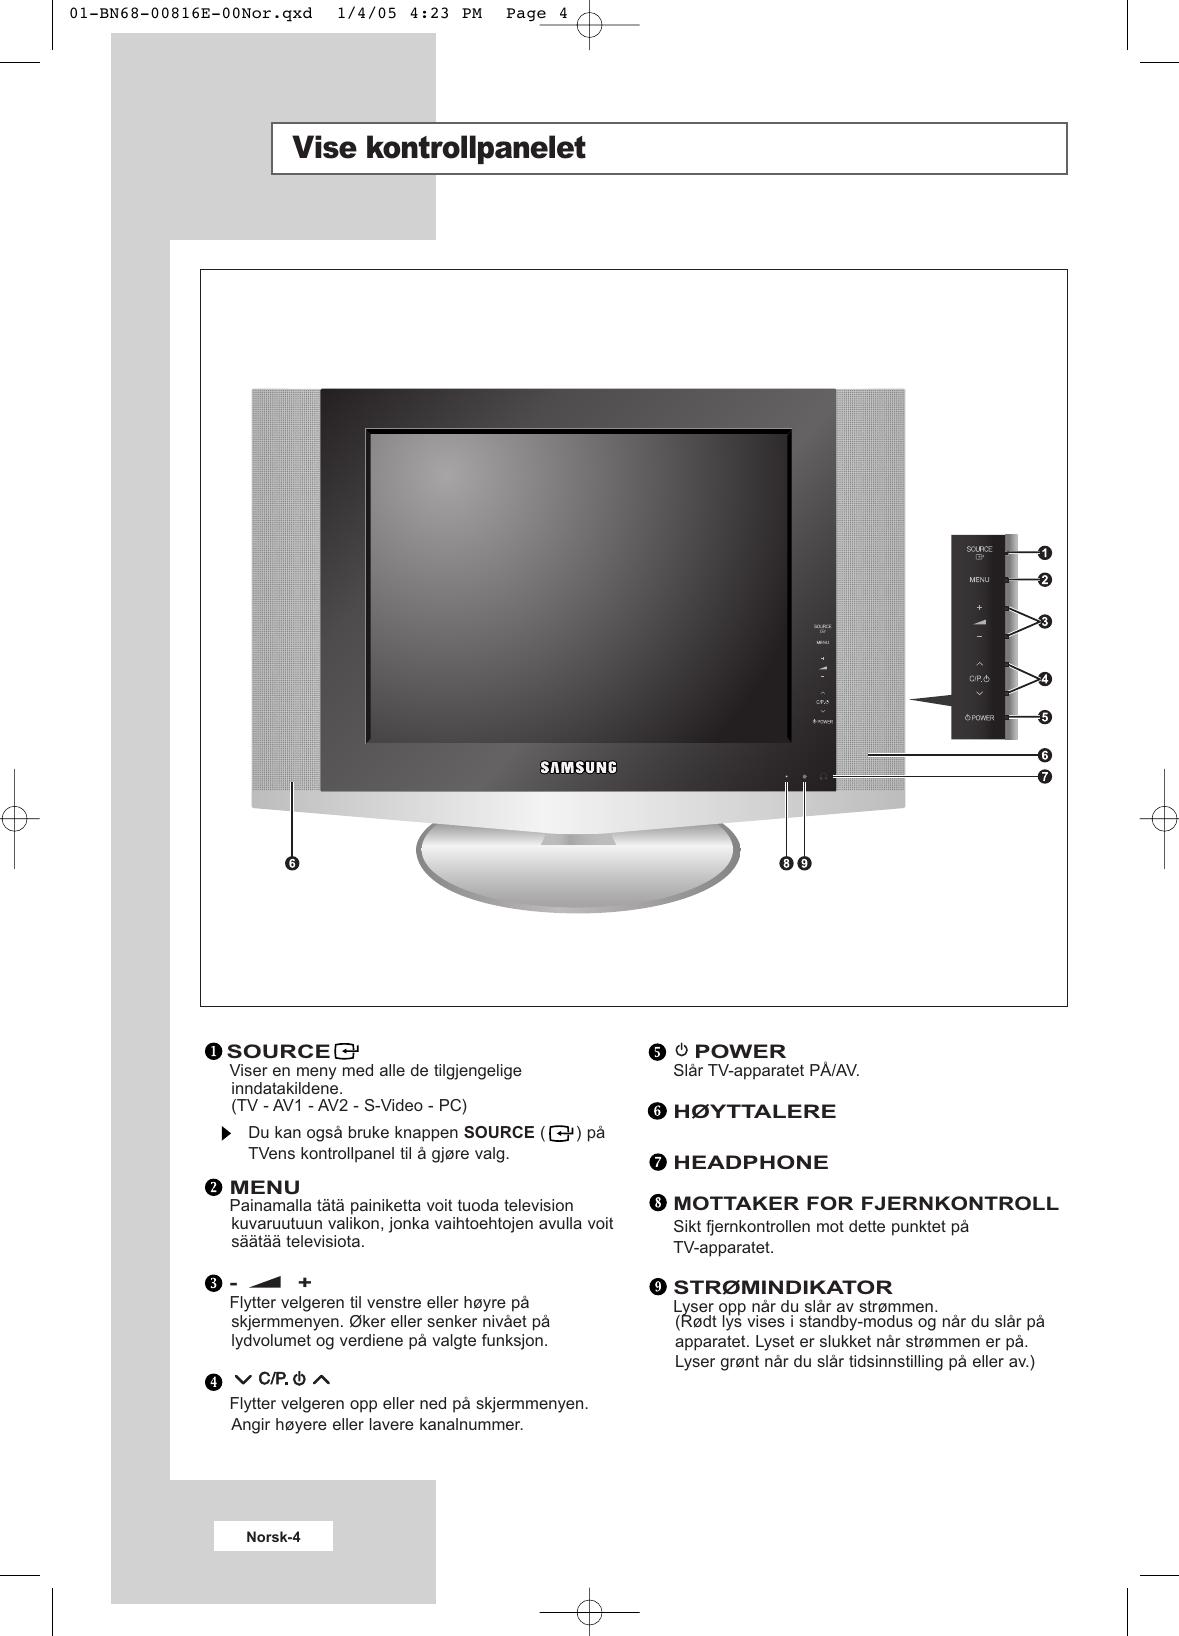 hekte 2 HD-TVer en mottaker